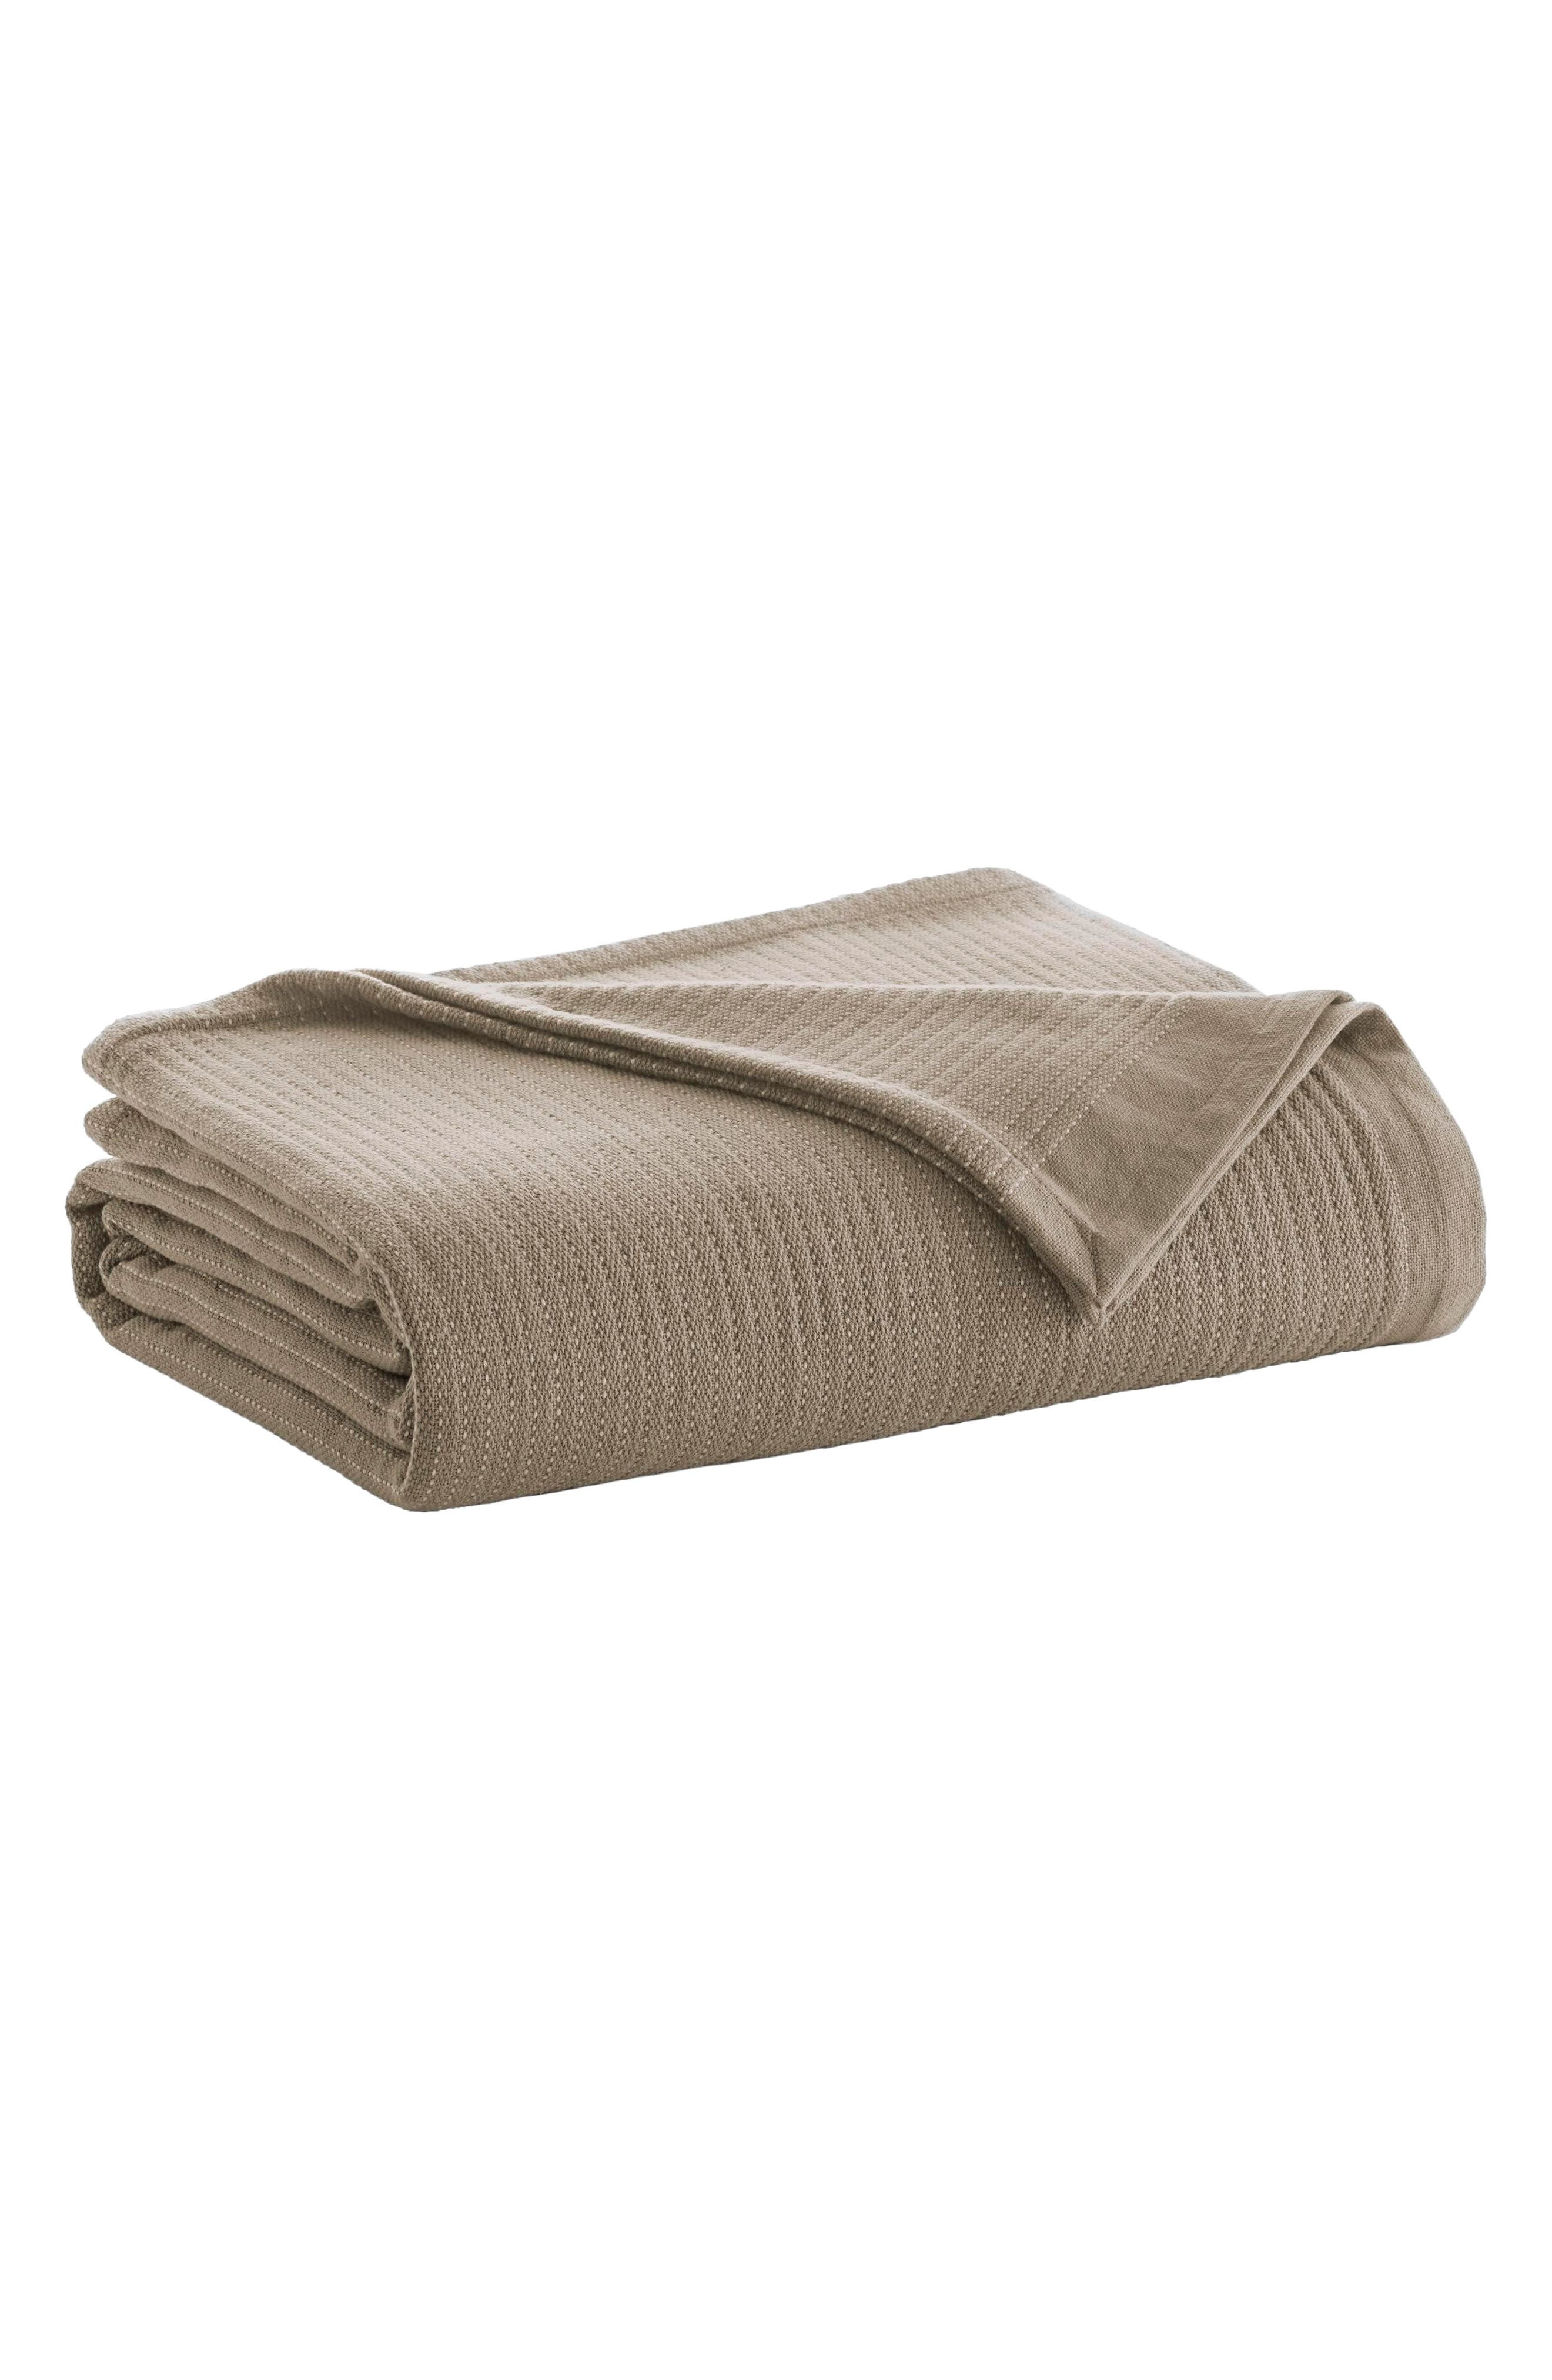 Stripe Blanket,                         Main,                         color, Camel/ Ivory